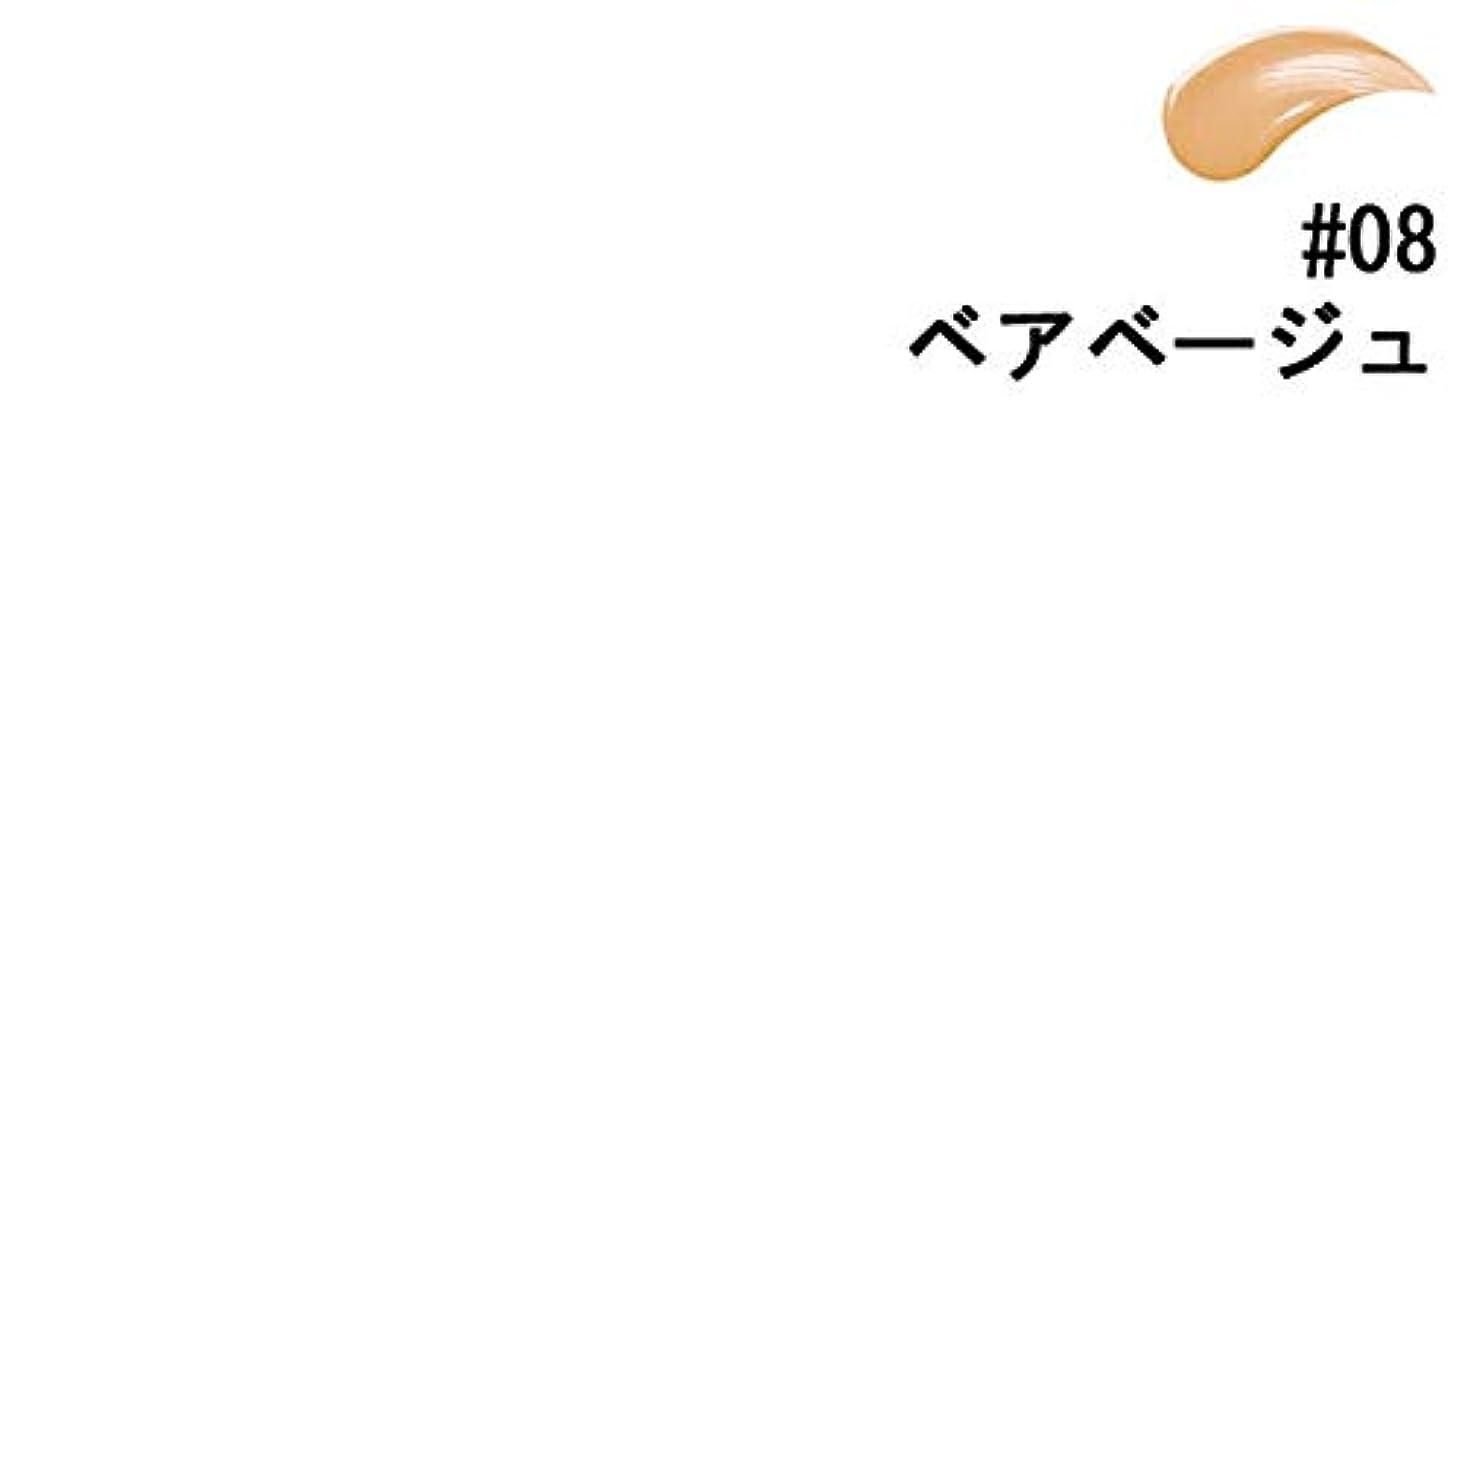 物足りないバランスのとれた節約する【ベアミネラル】ベアミネラル ベア ファンデーション #08 ベアベージュ 30ml [並行輸入品]